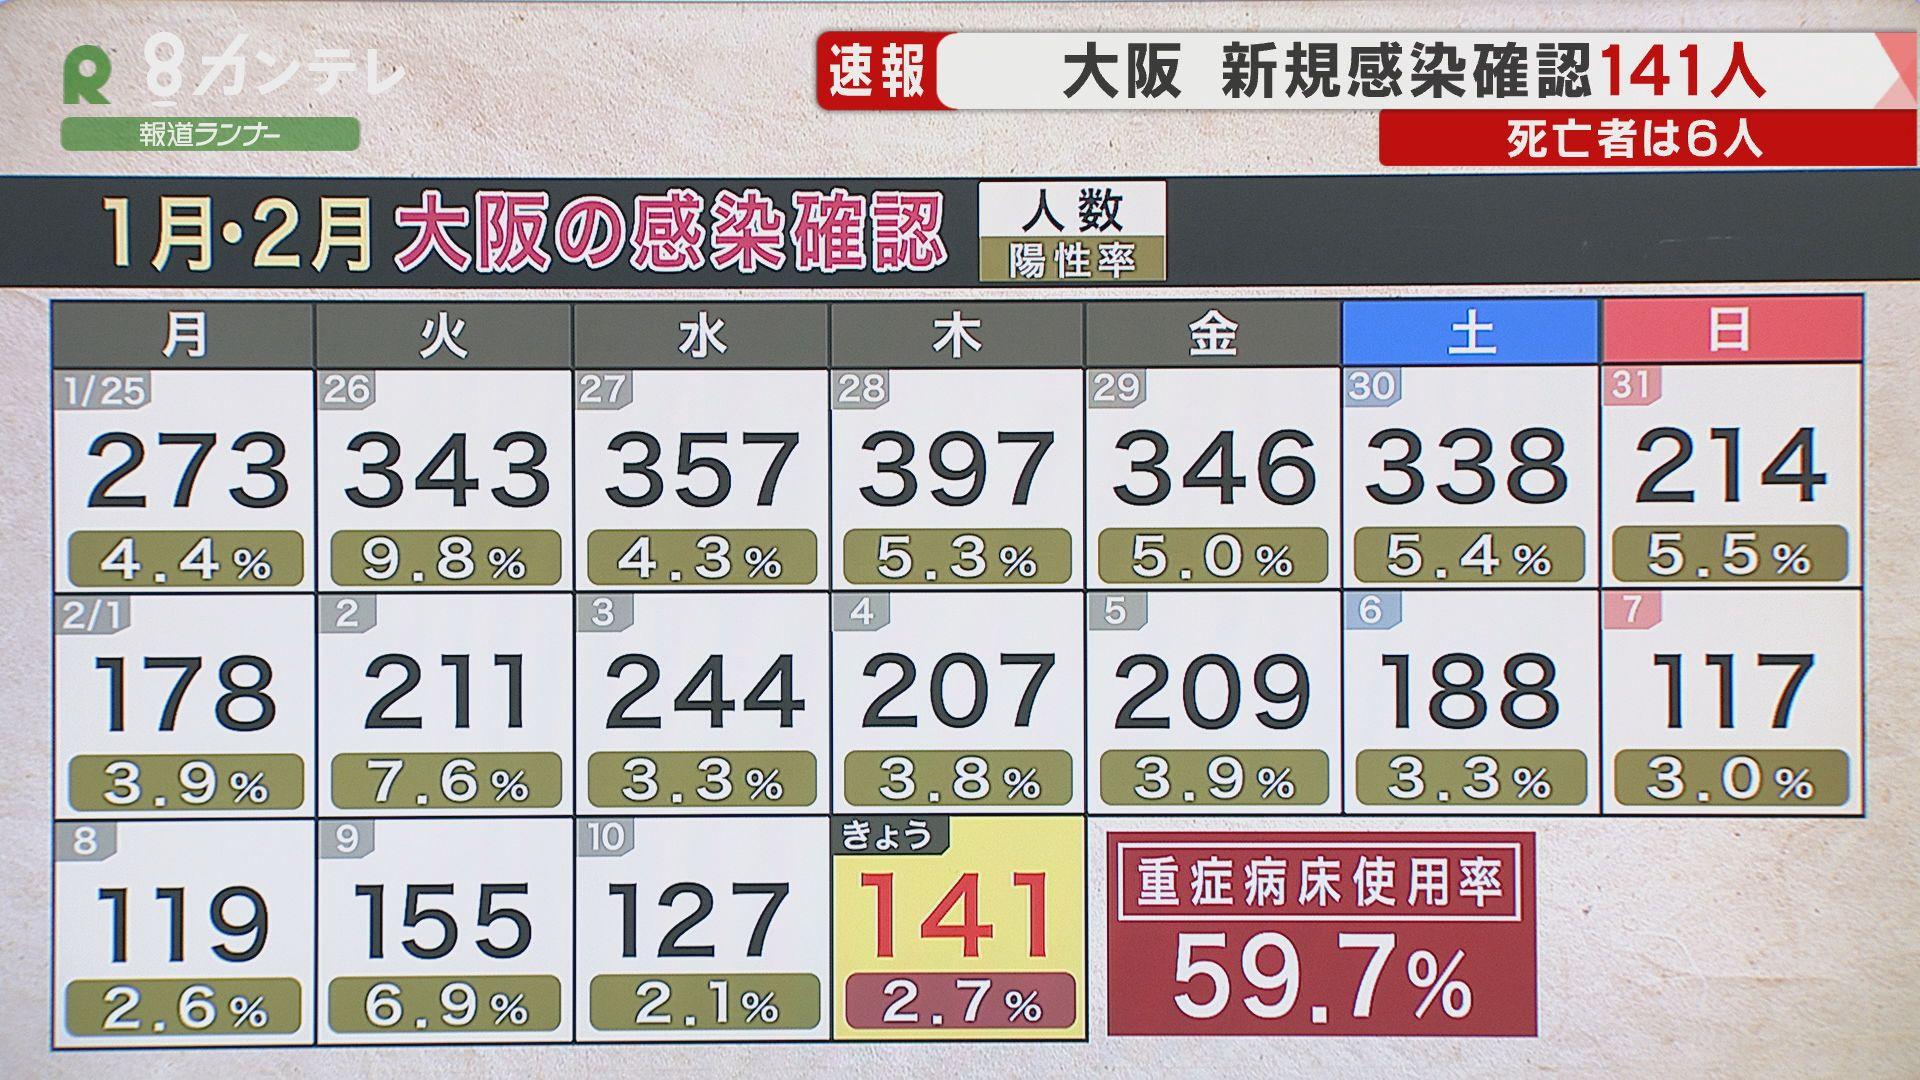 【速報】大阪で新たに141人の感染確認 感染者6人が死亡 重症病床の使用率は60%未満に